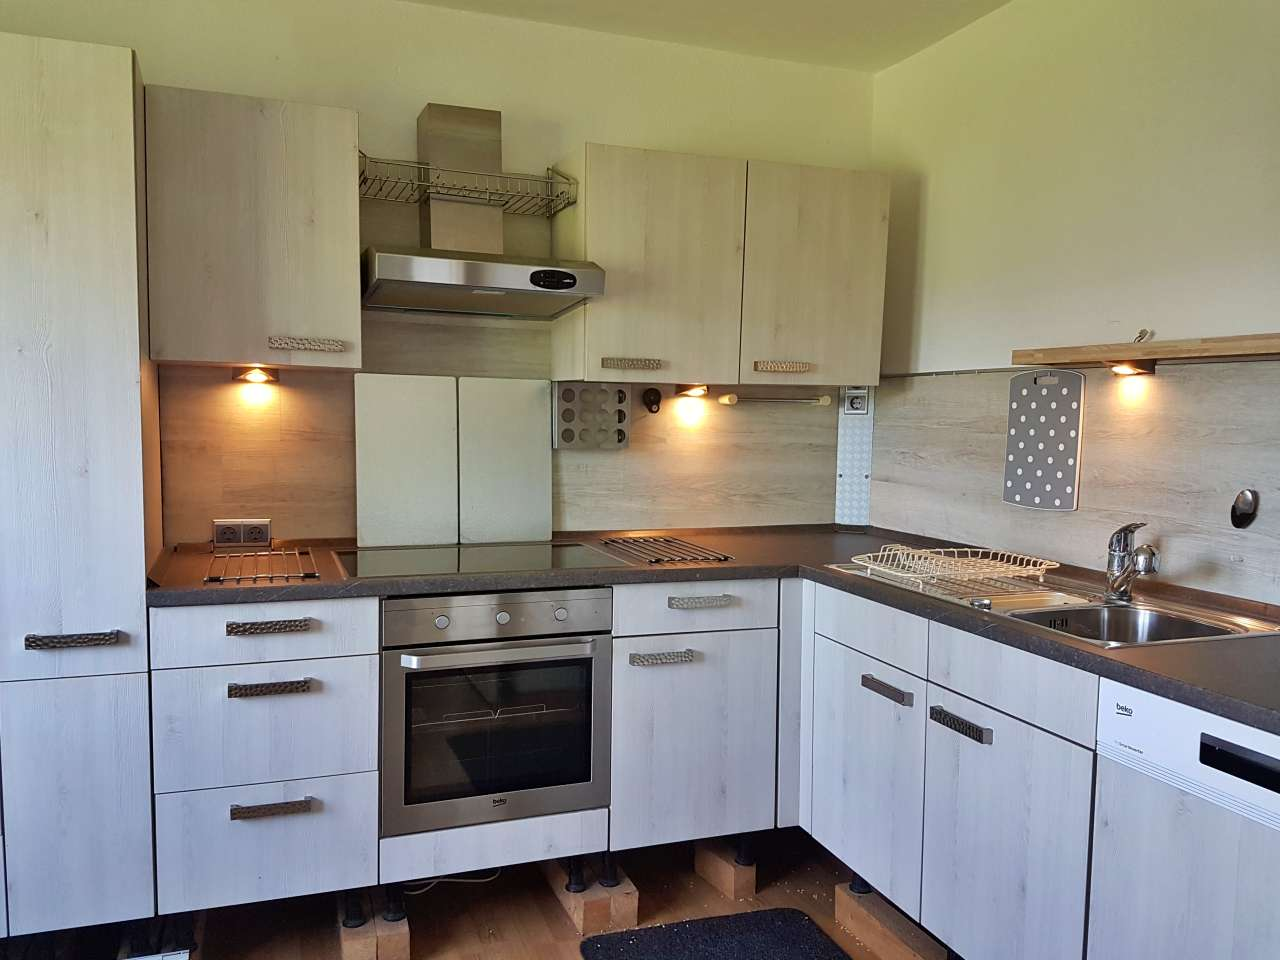 Einbauküche Küche L-Form mit E-Geräten